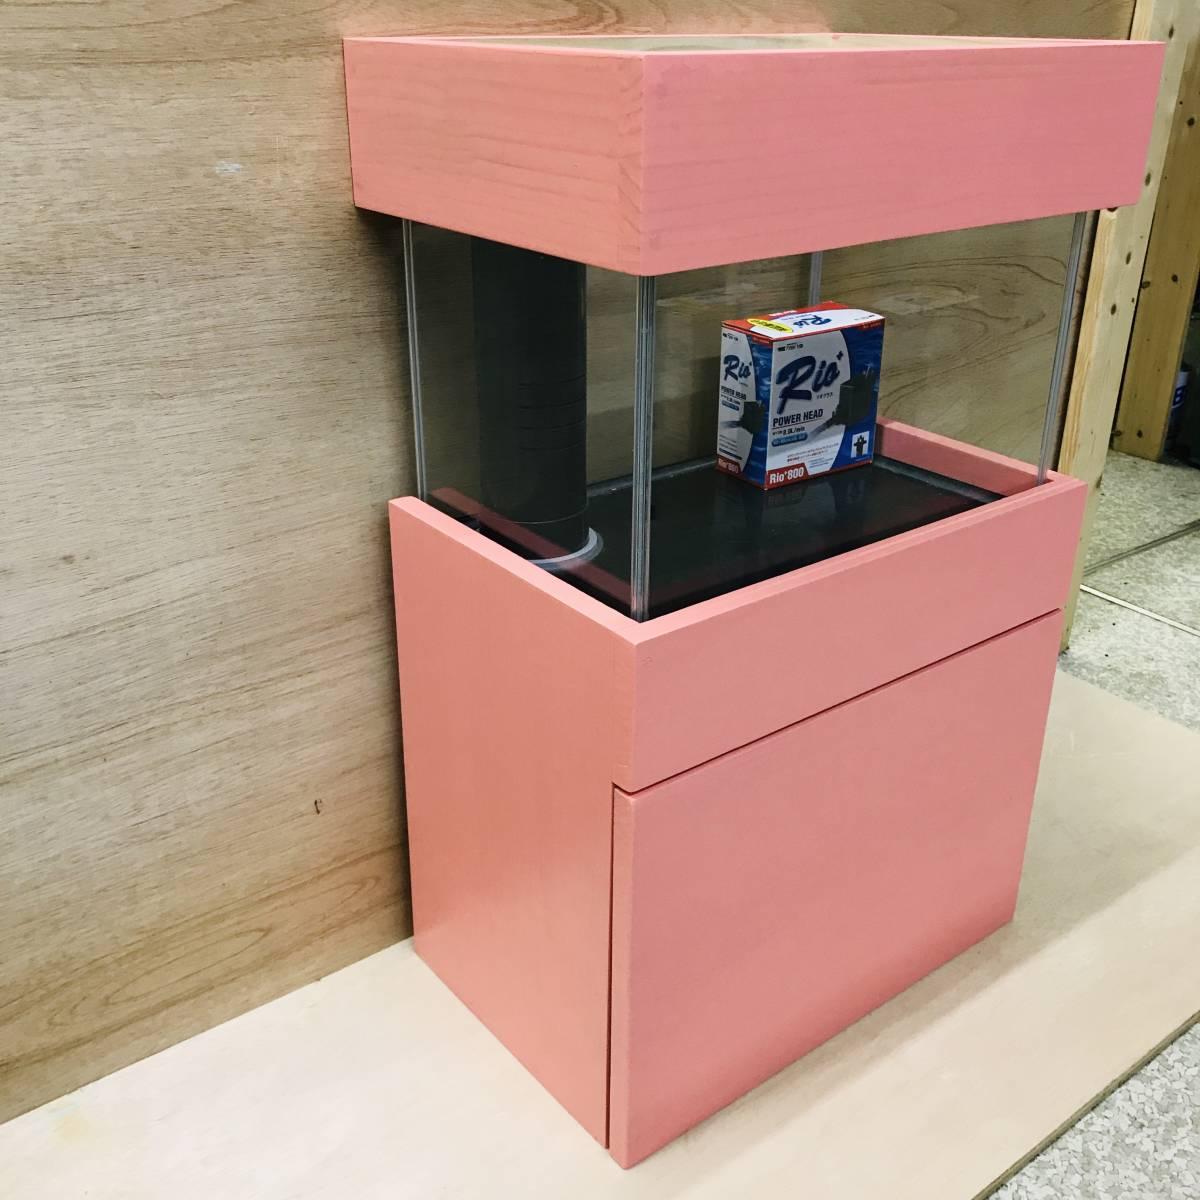 《100円スタート》アクア小型オーバーフロー水槽セット ピンク 新品 rio800 濾過槽、台ろ材セット 小型水槽/アクア/海水魚 ピンク_画像2